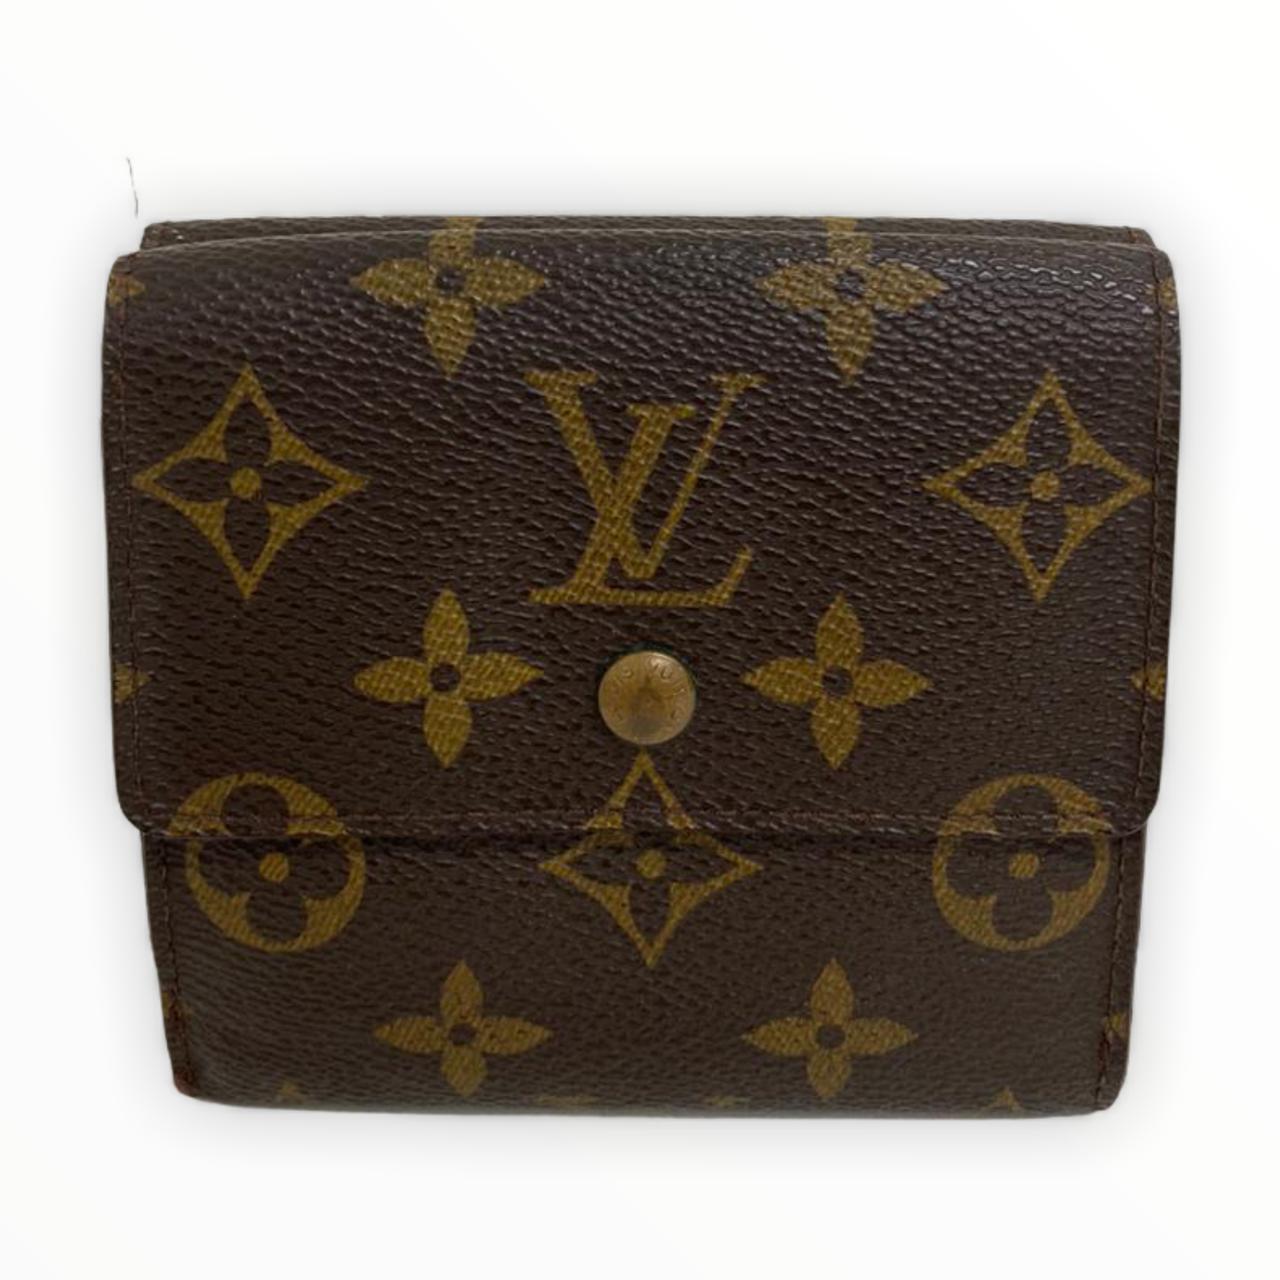 Carteira Louis Vuitton Monogram Porte Monnaie Carte